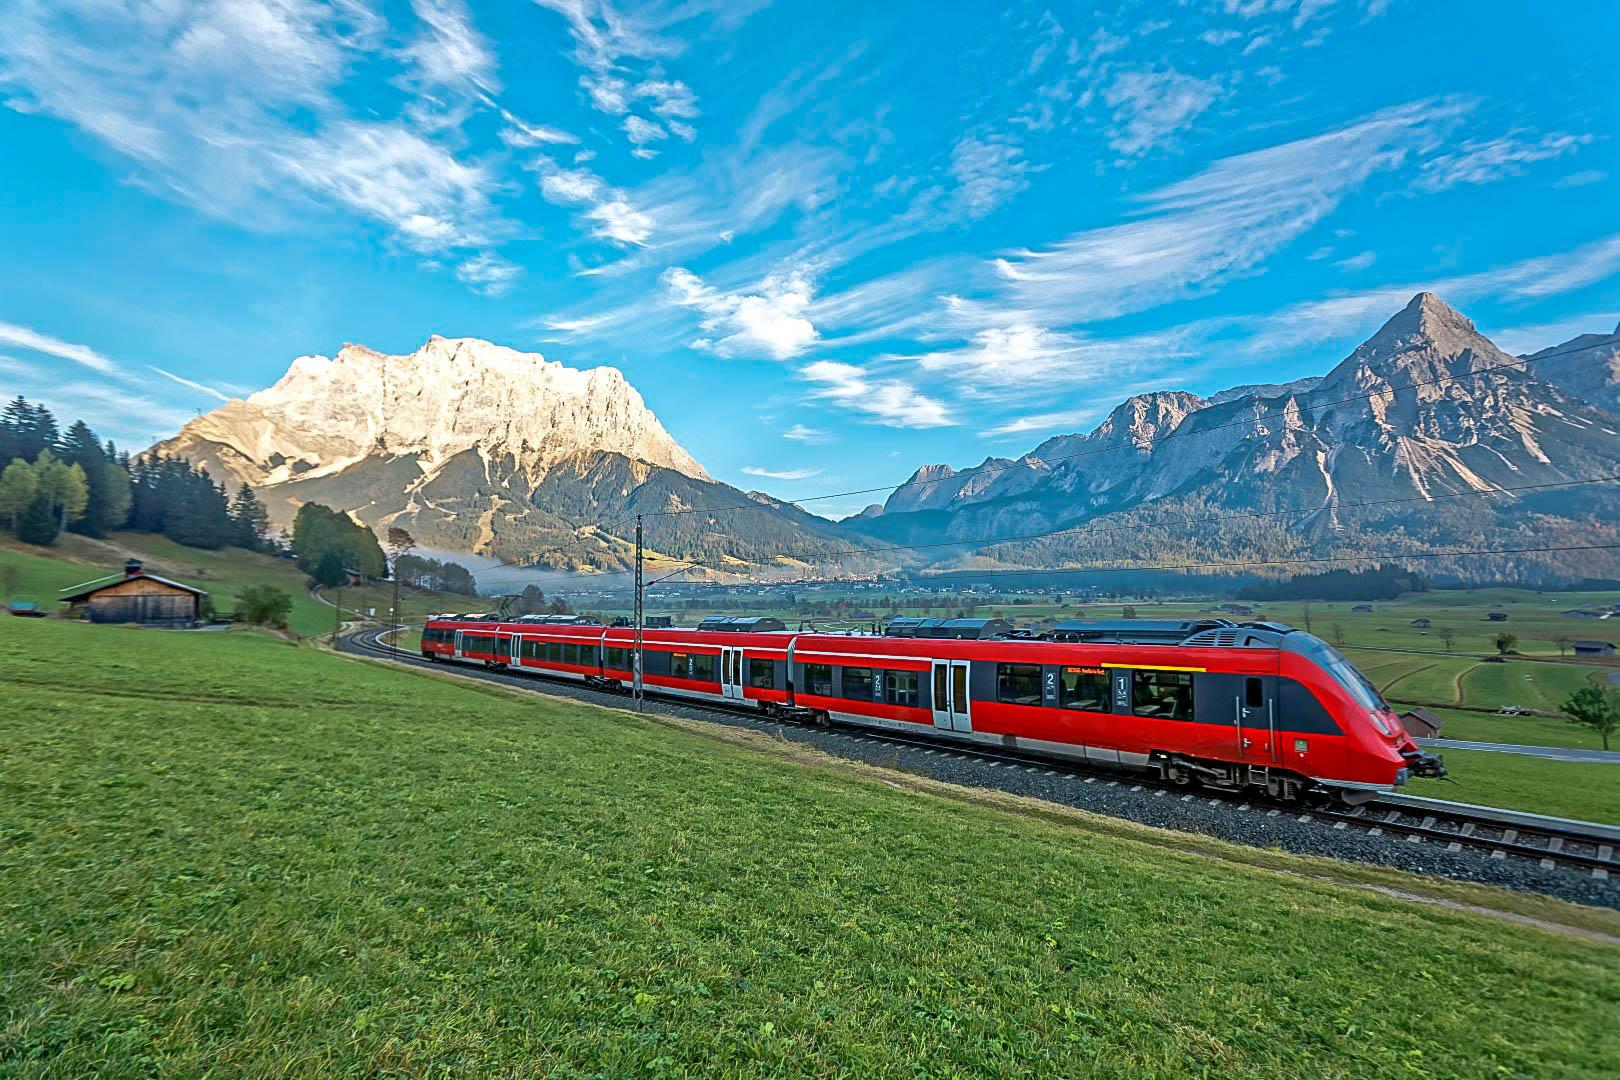 Viaggi in Europa  spesso è meglio il treno o il bus - Tgcom24 270e84bdcf